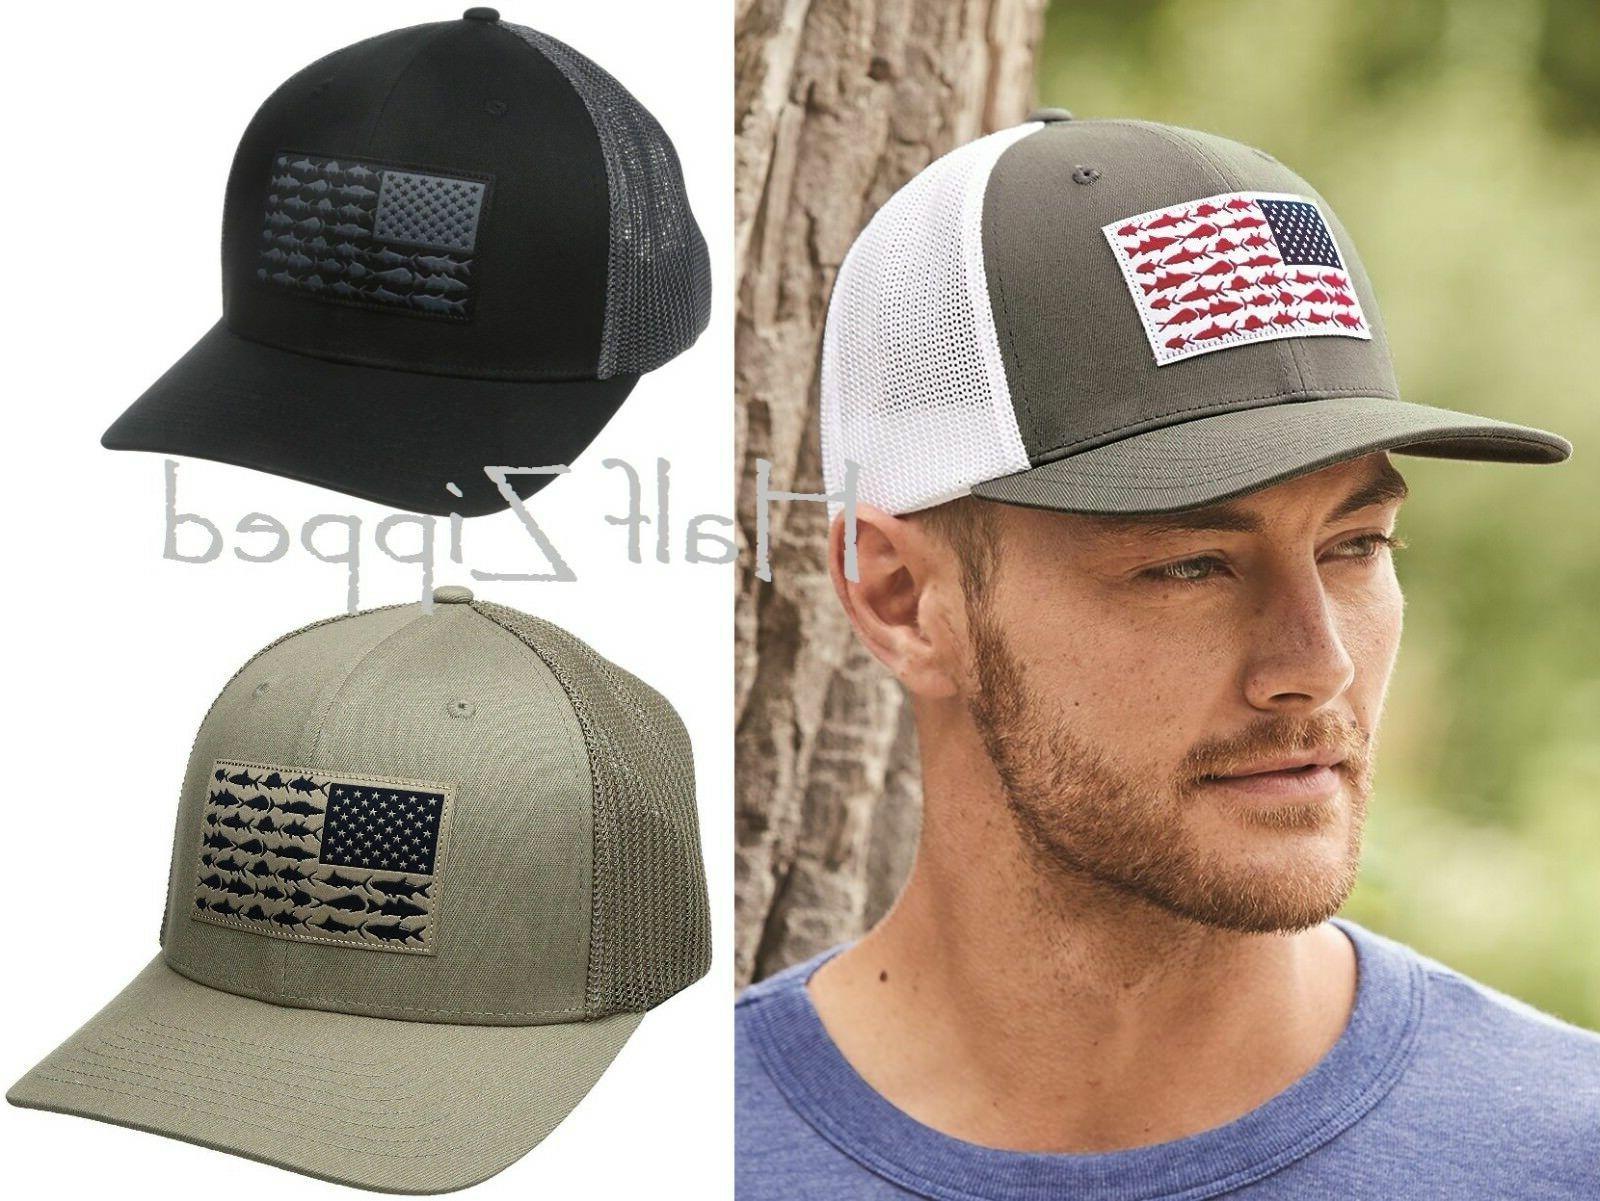 baseball hat pfg mesh flexfit ball cap